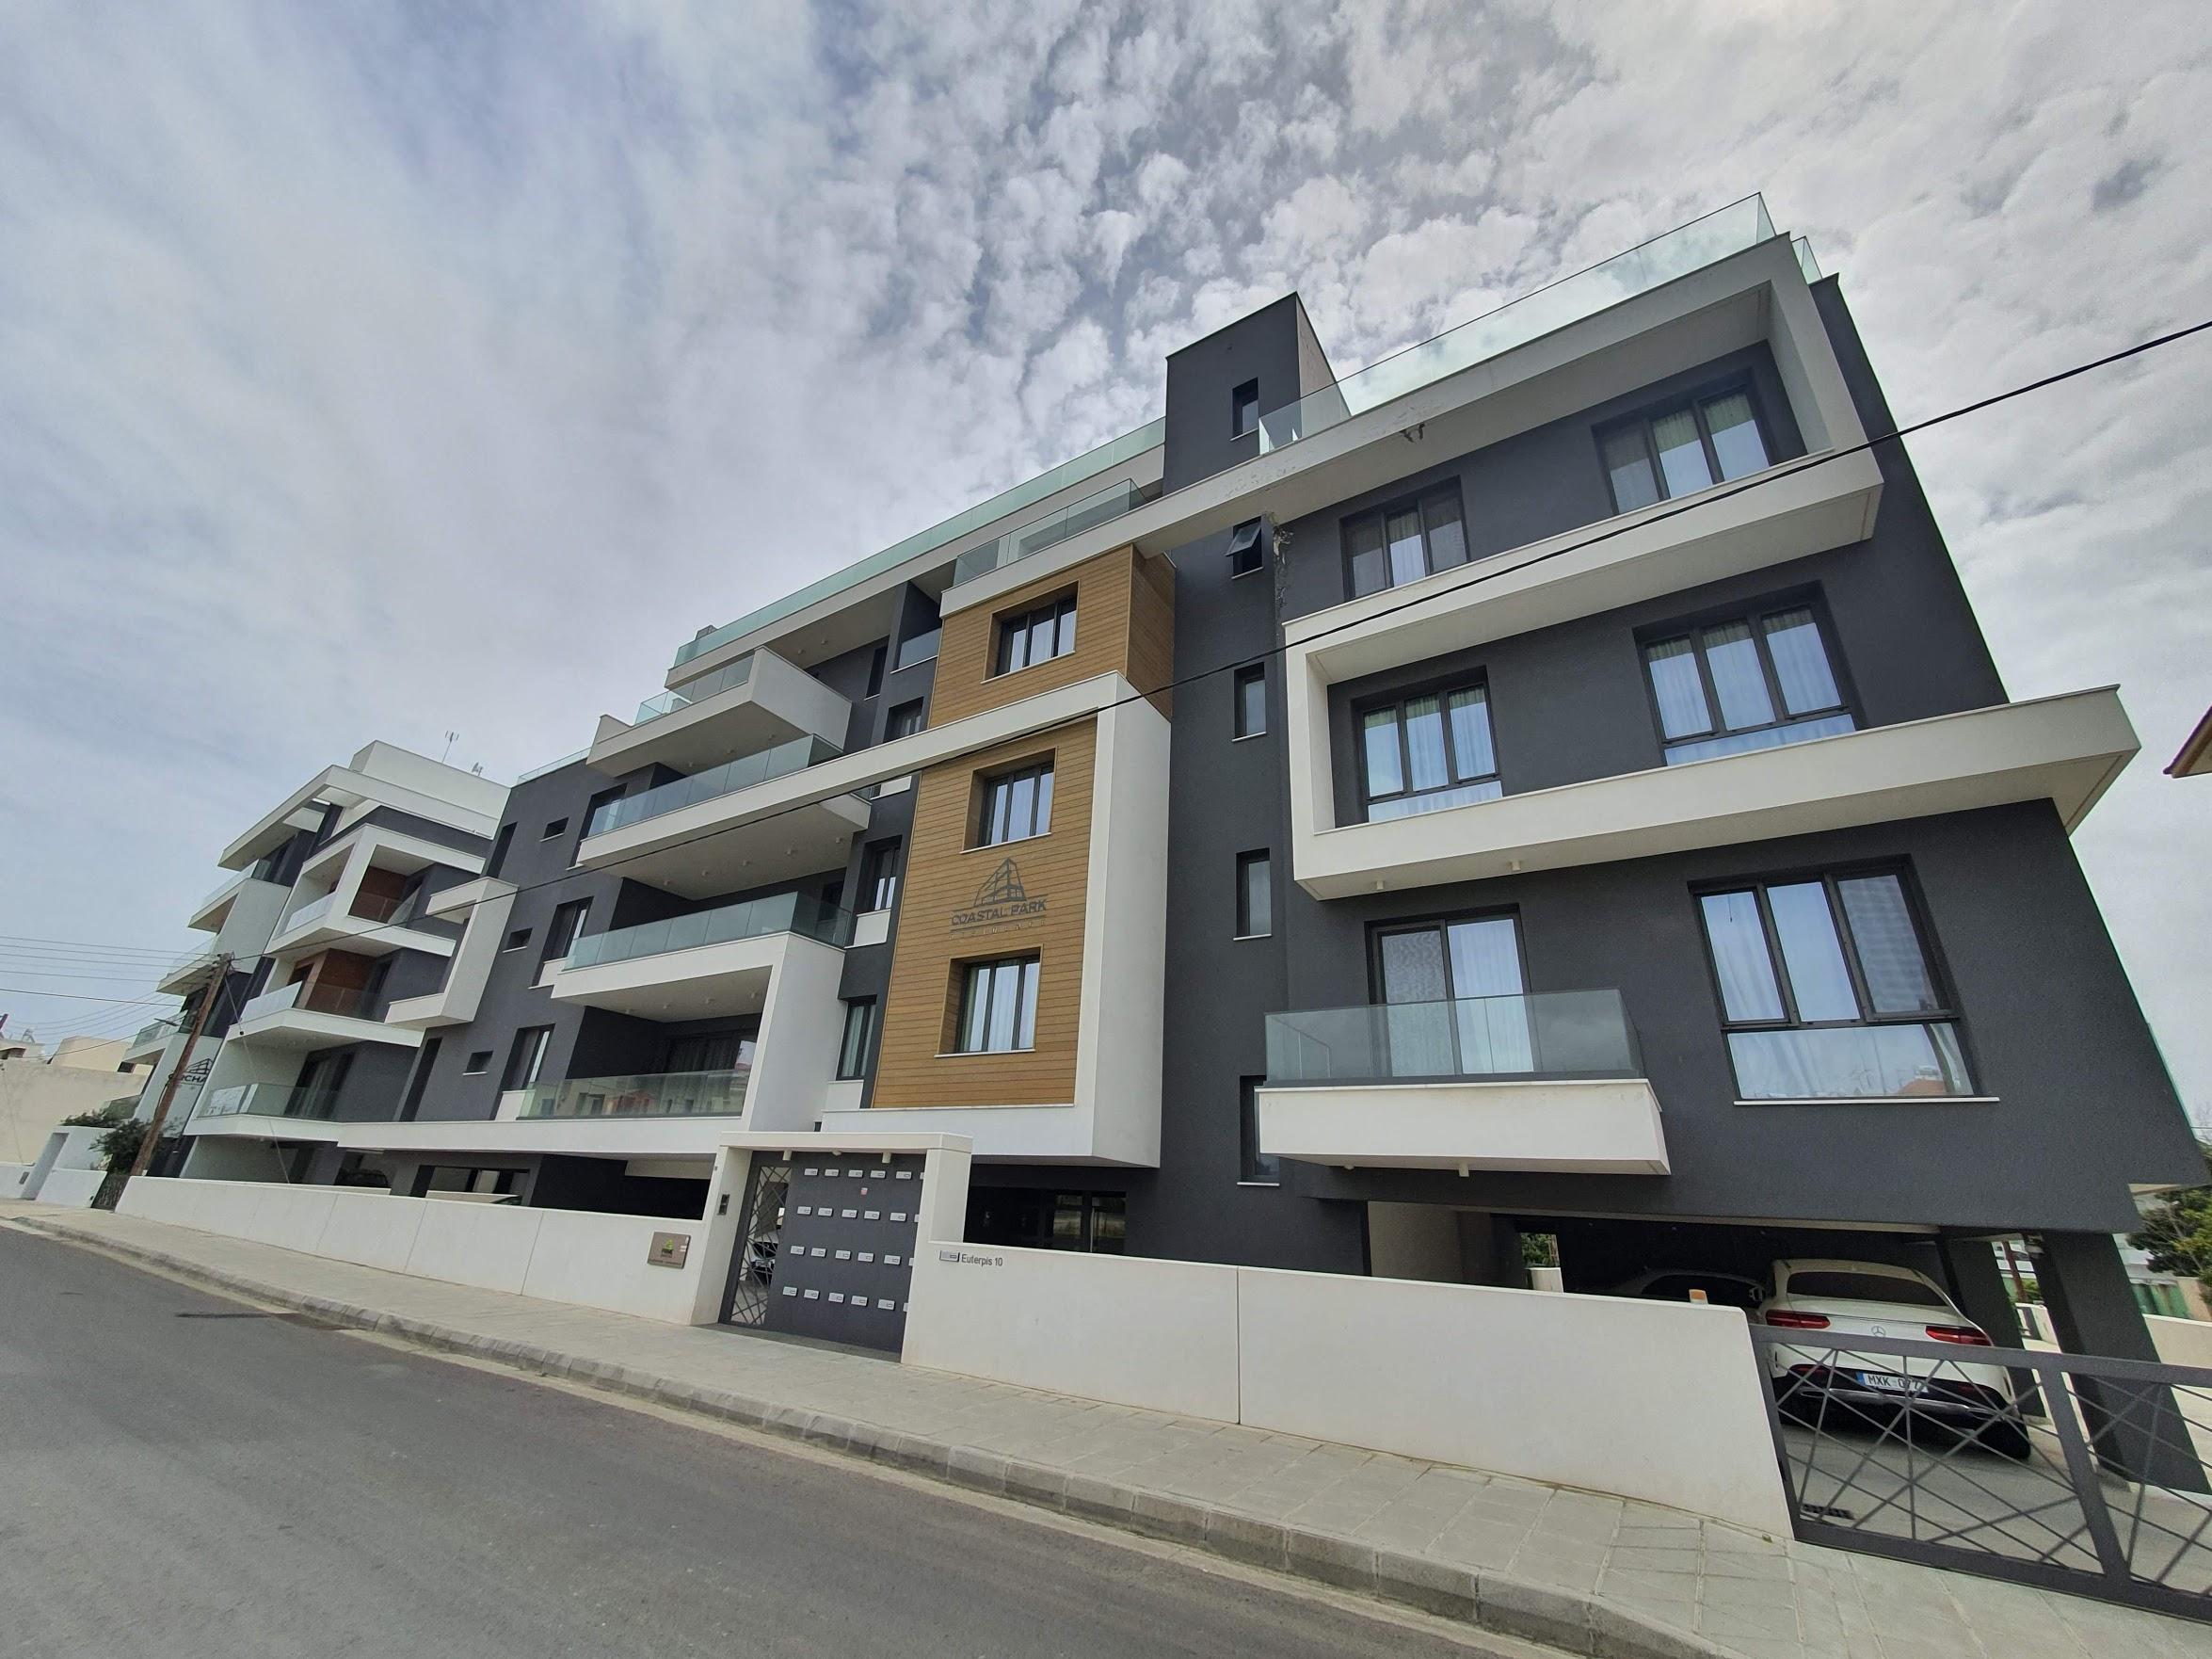 Продажа недвижимости в китае покупка недвижимости в дубае